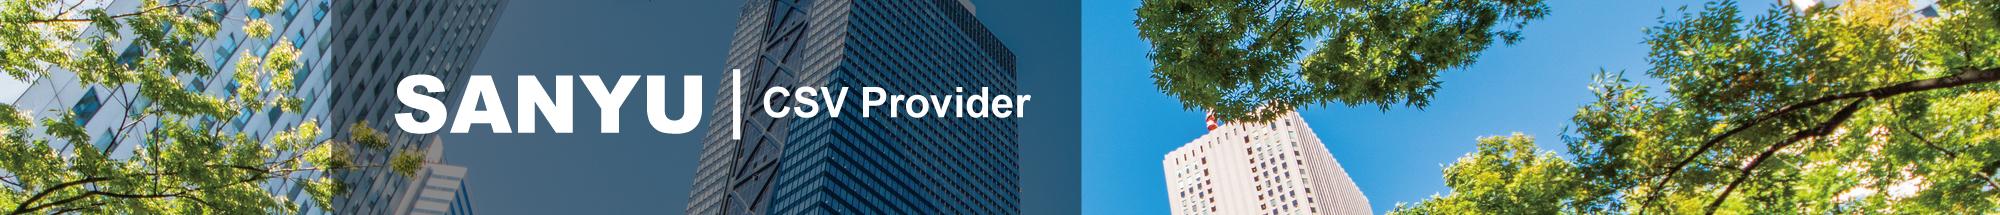 SANYU CSV Provider